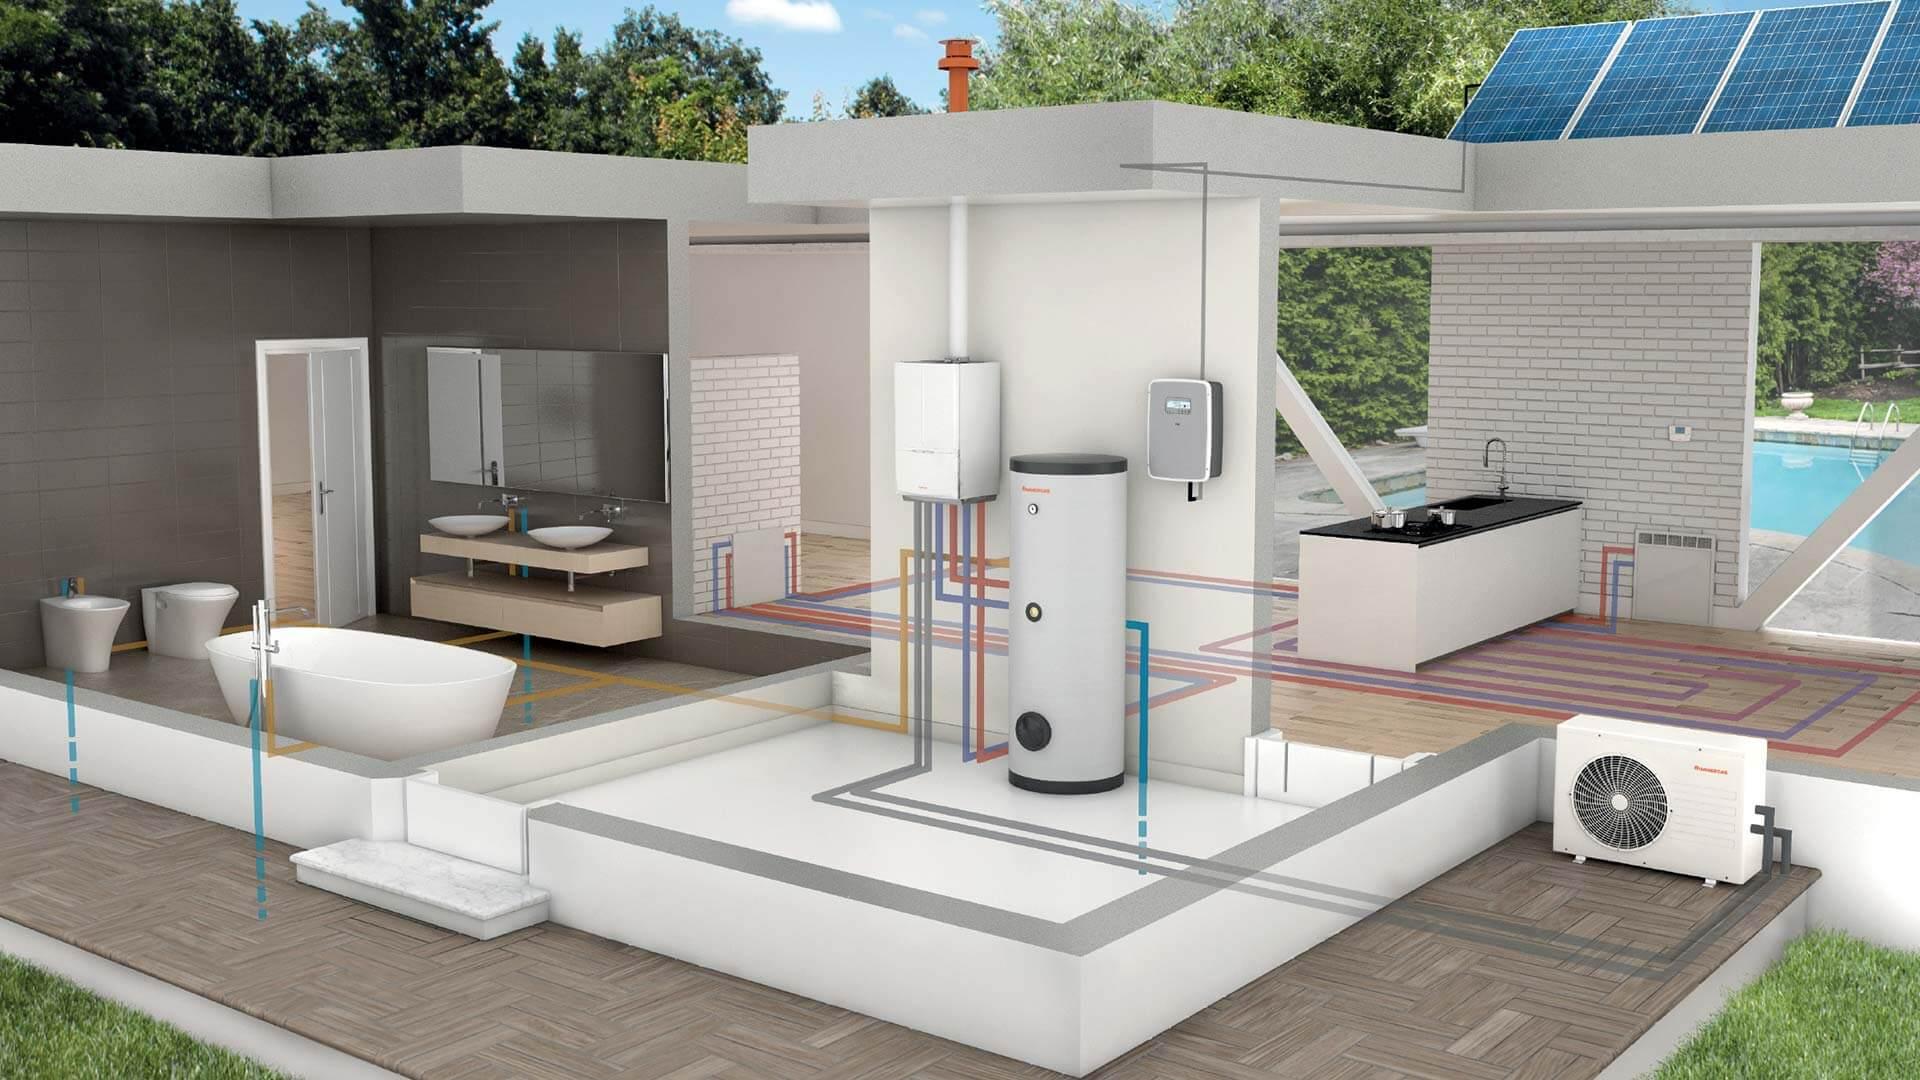 Efektywne, ekonomiczne i ekologiczne źródło ciepła dla Twojego domu - pompa ciepła i kocioł elektryczny